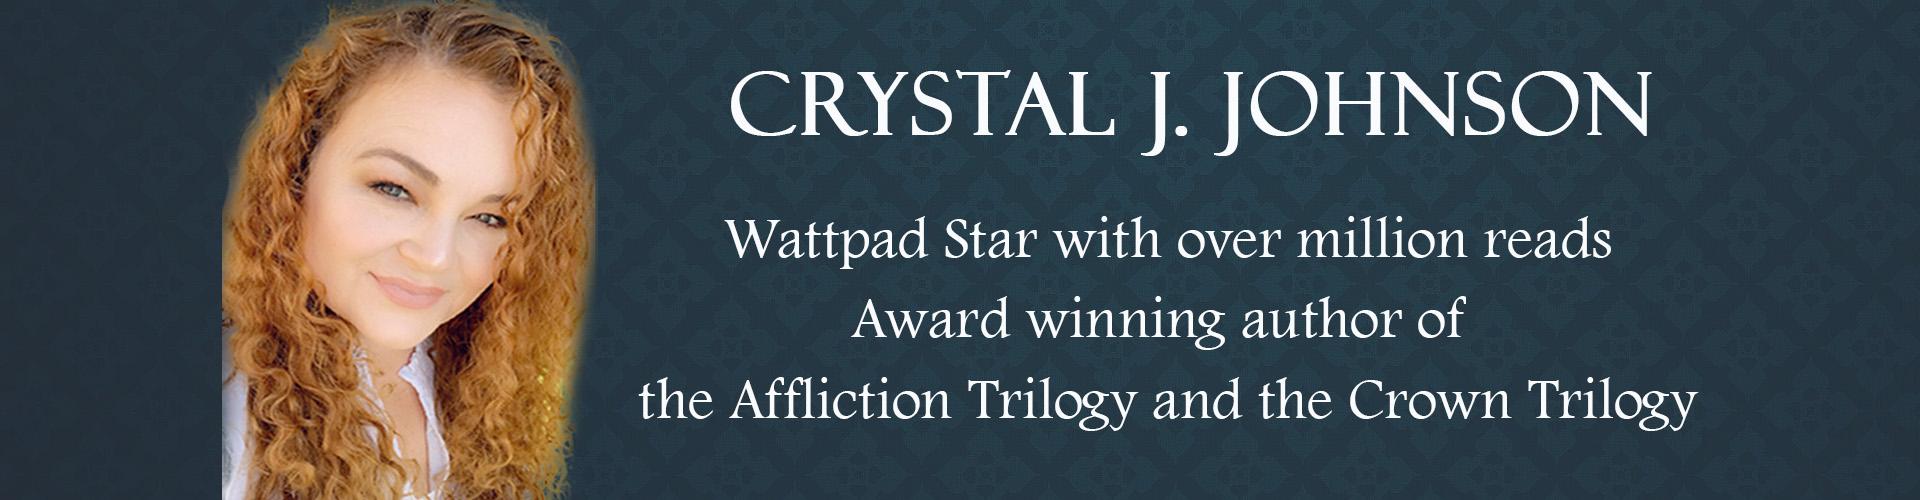 Author Crystal J. Johnson